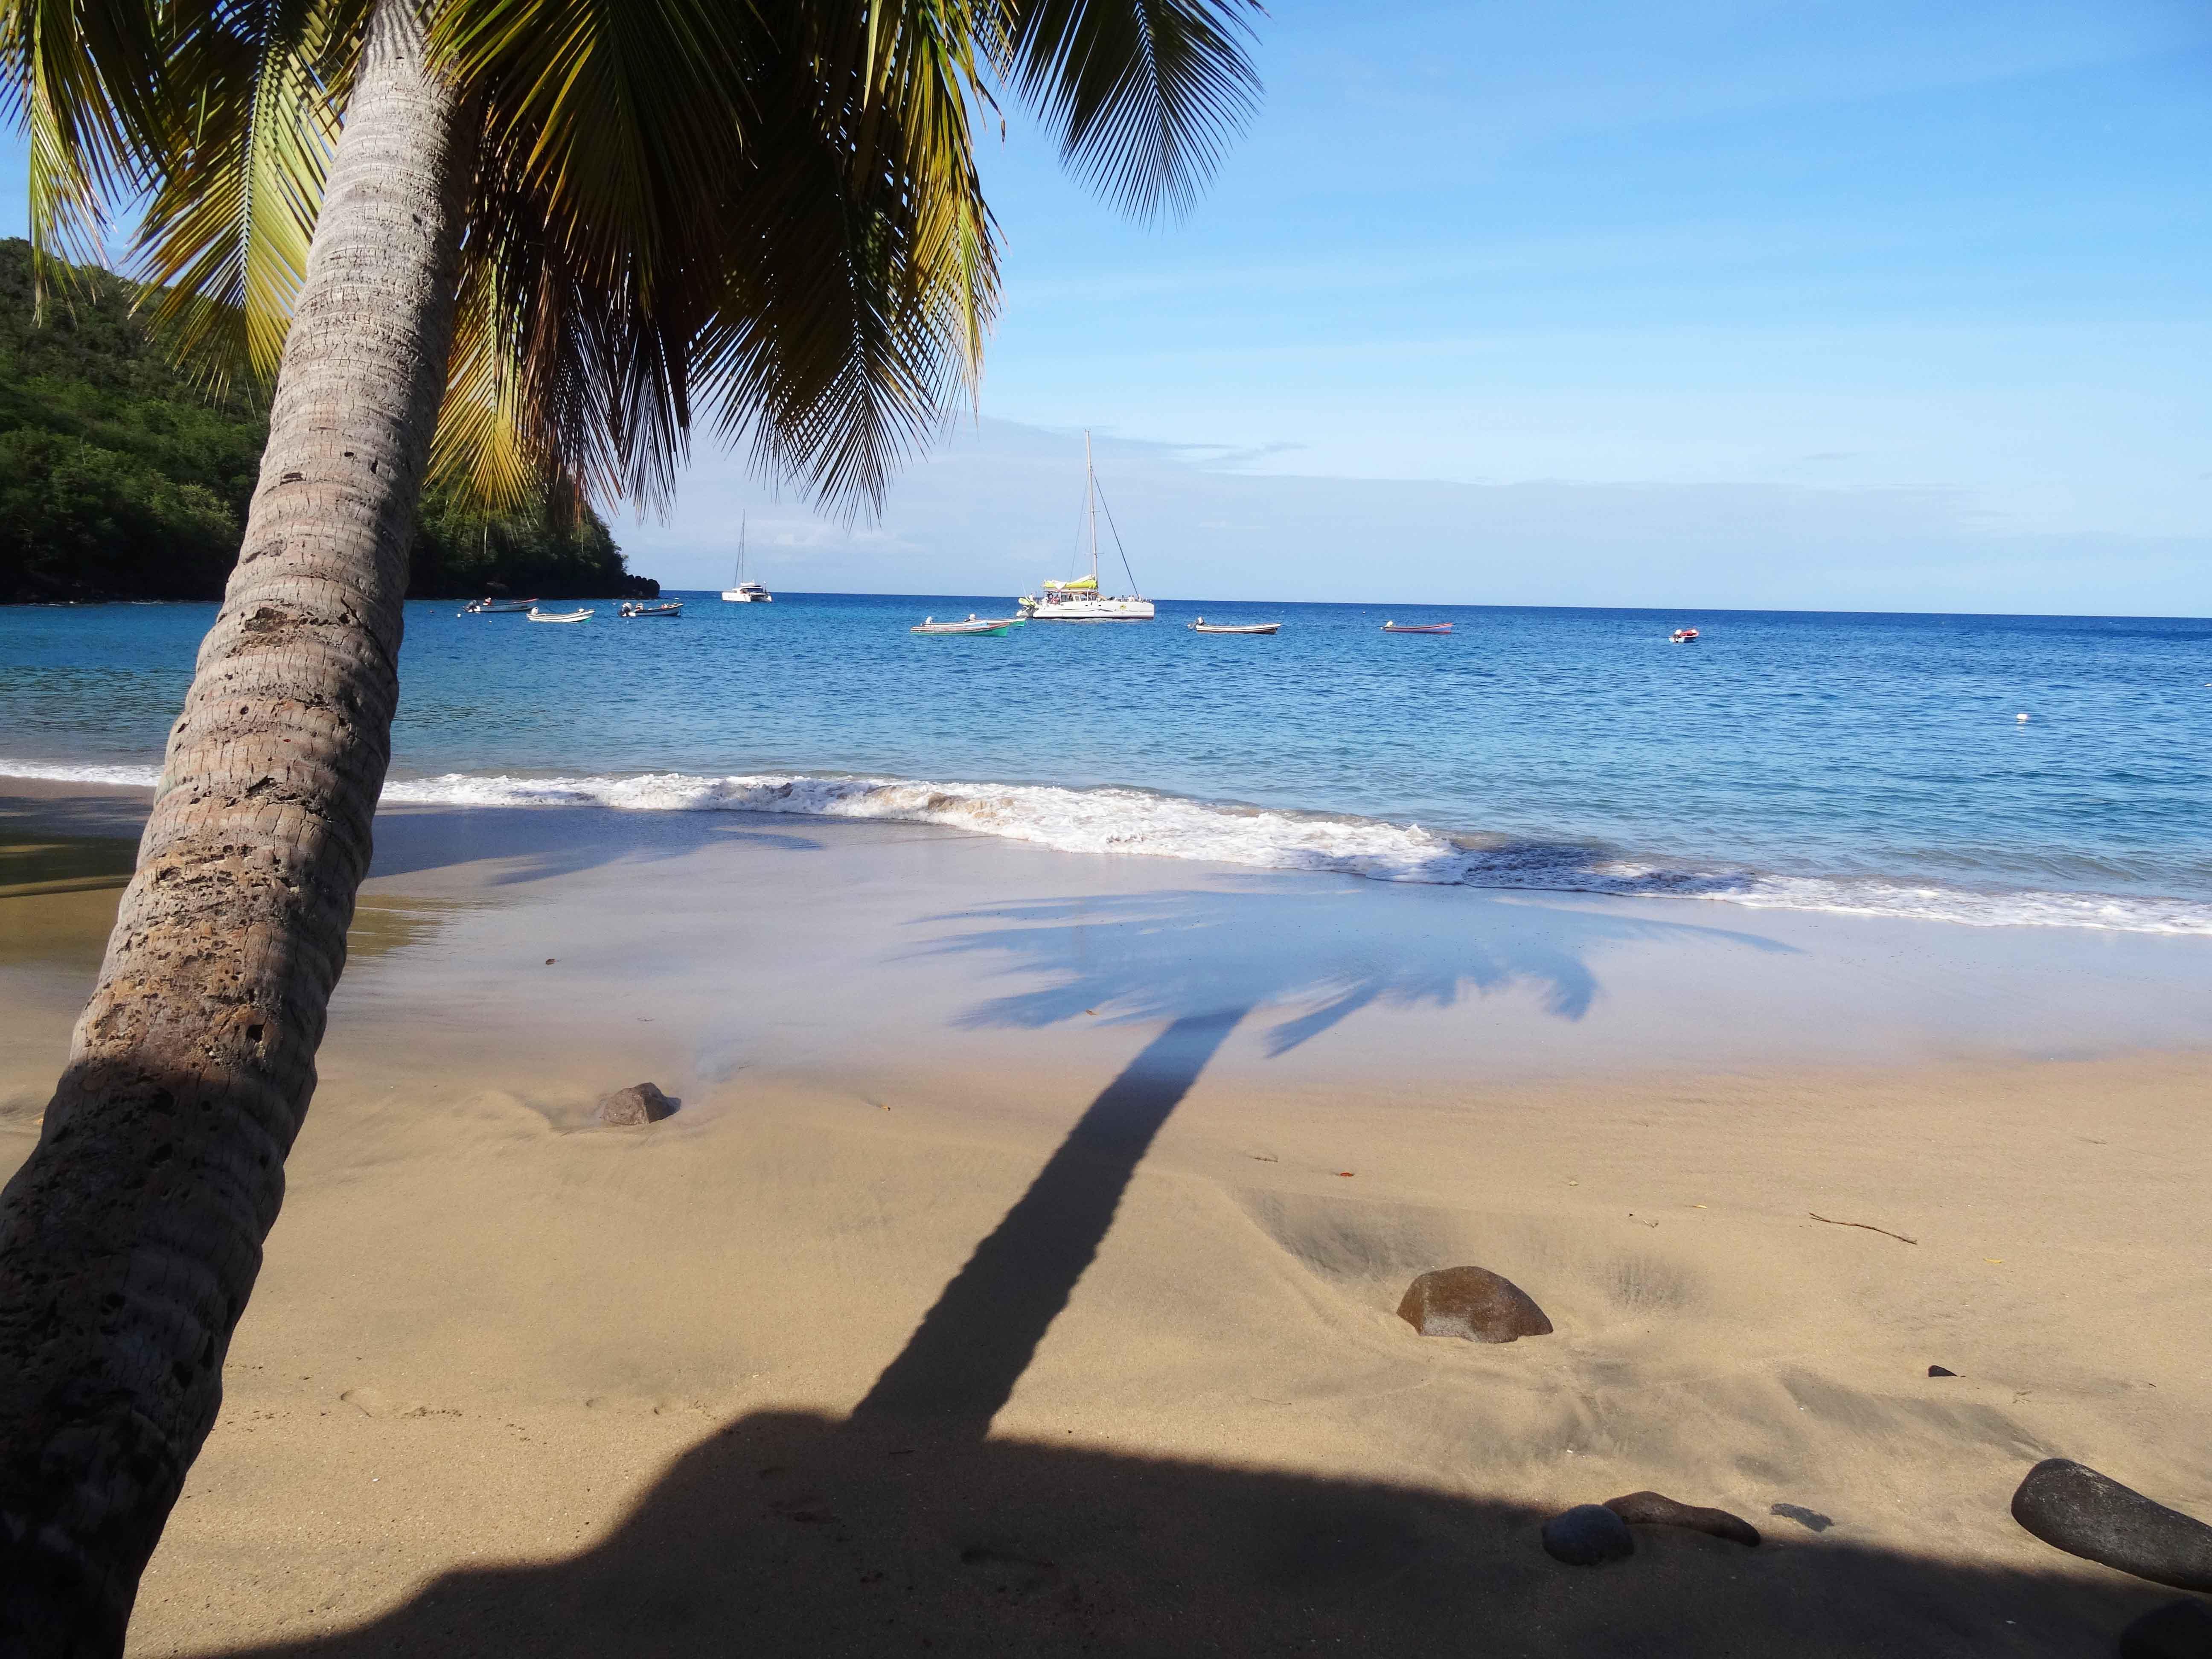 Les plus belles plages de martinique unkm pied for Les plus belles moquettes